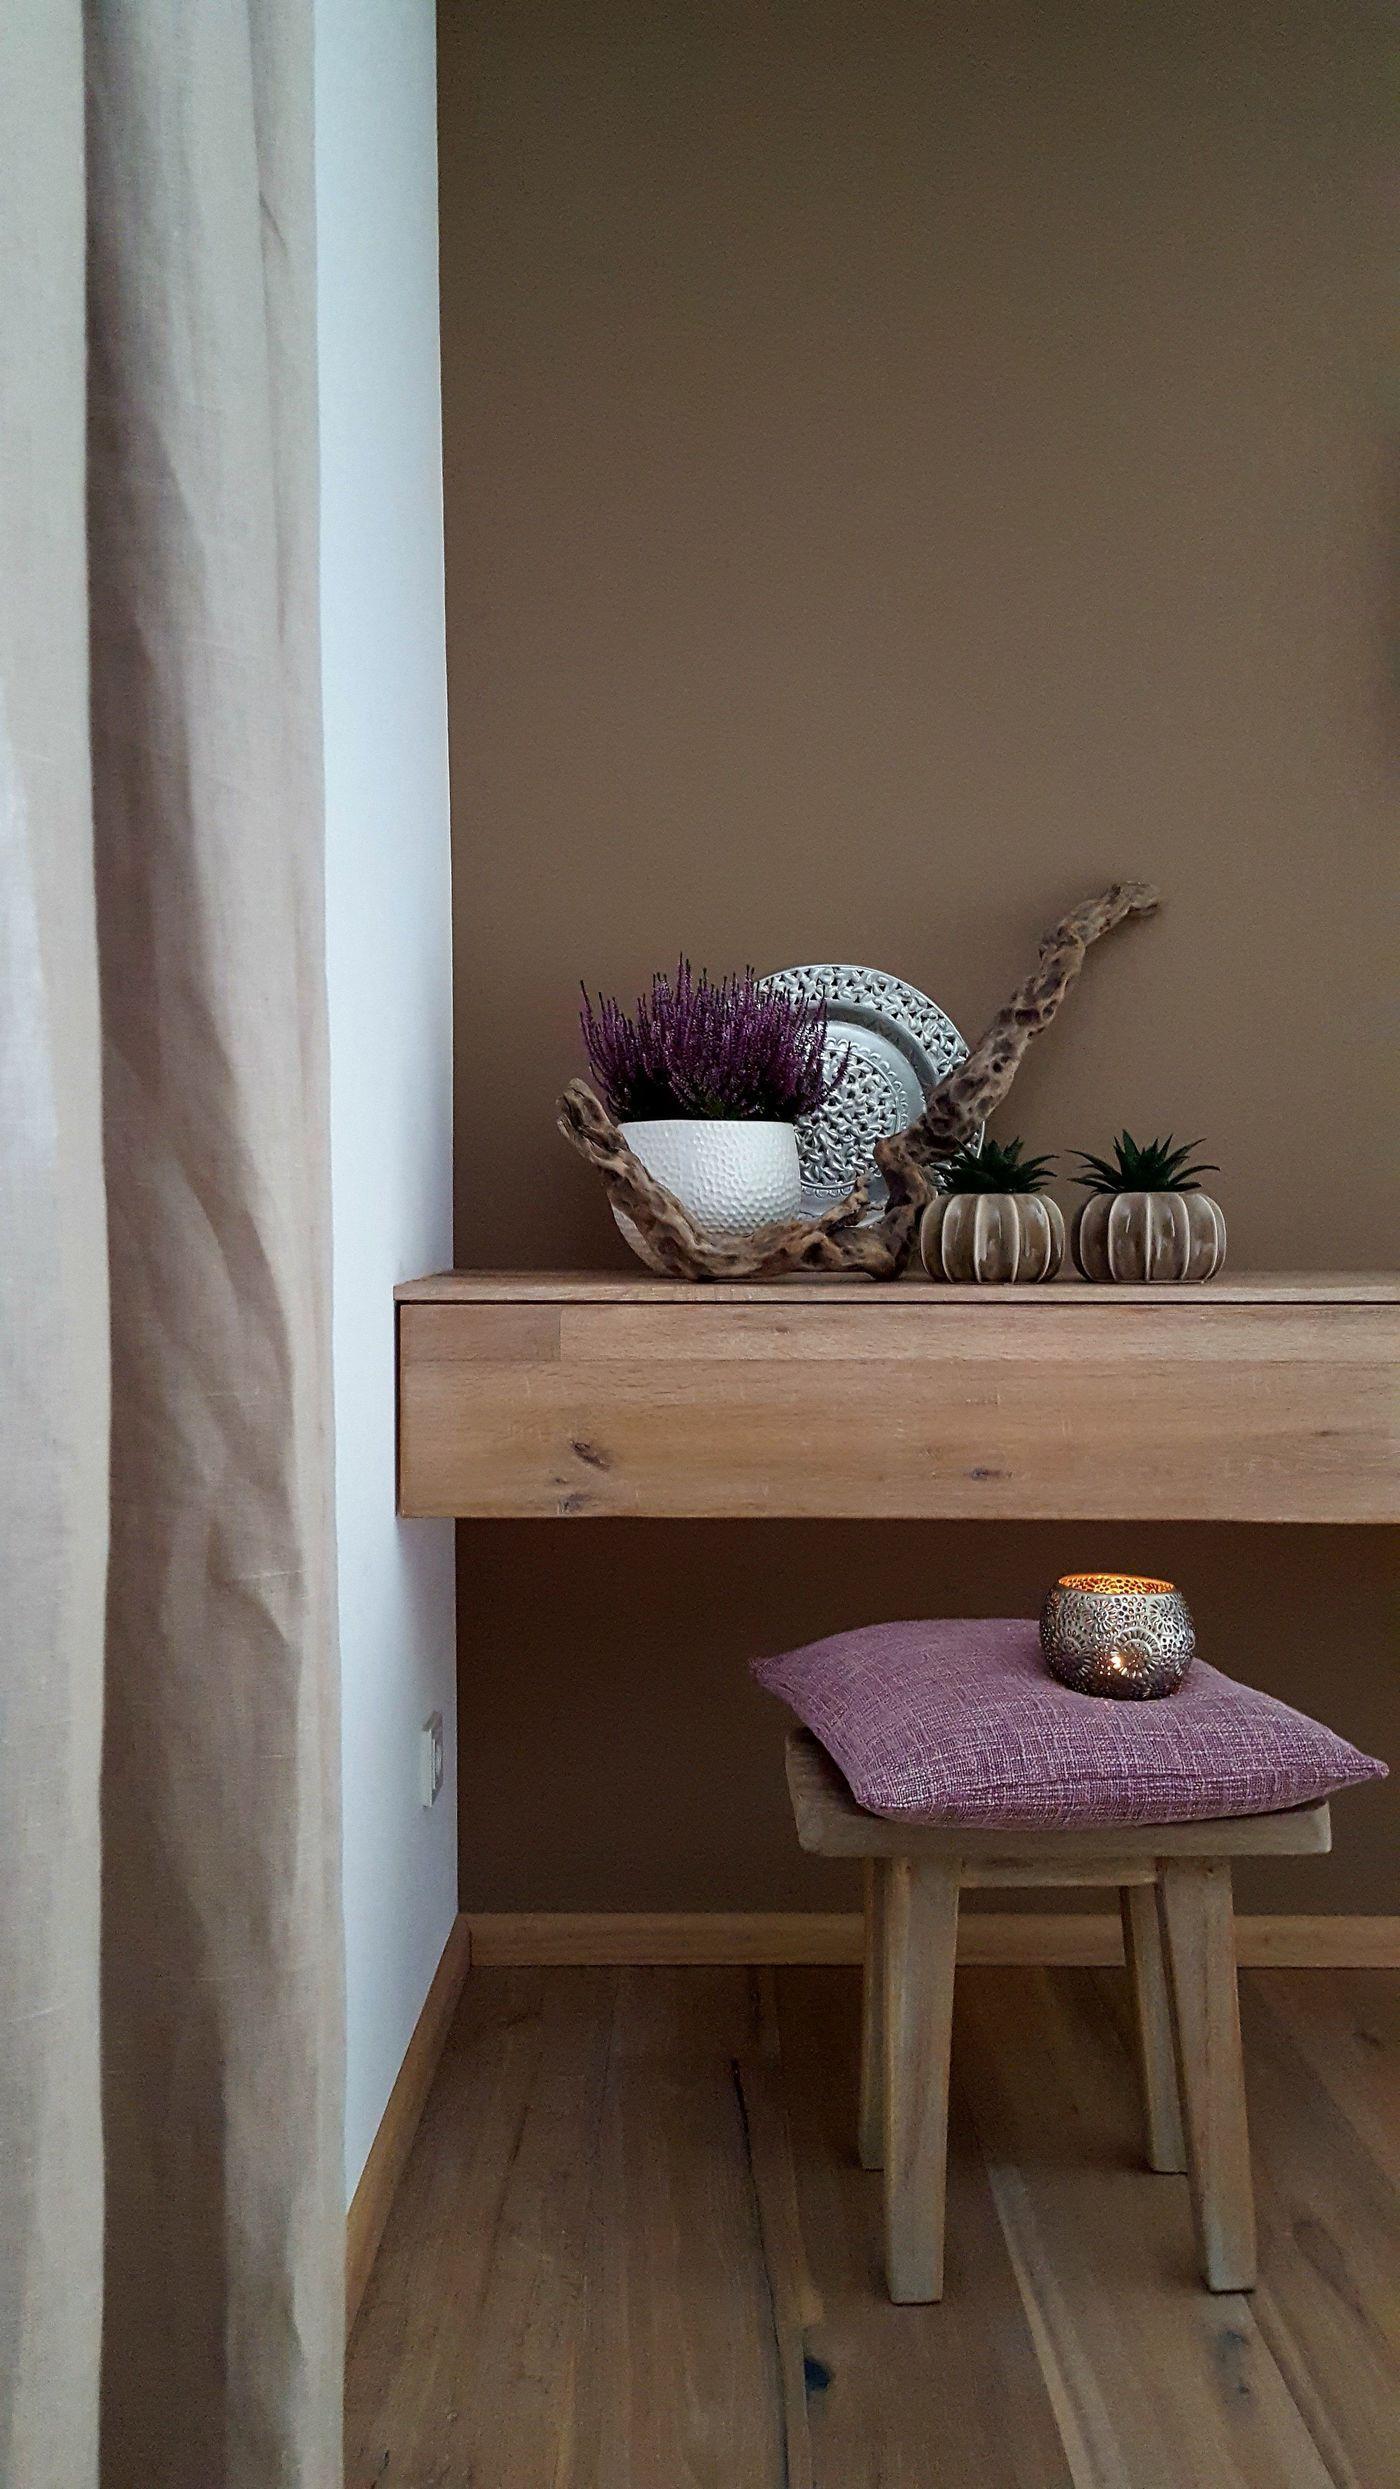 treibholz deko basteln dekorieren mit gesammeltem treibholz vom strand dieses produkt merken. Black Bedroom Furniture Sets. Home Design Ideas